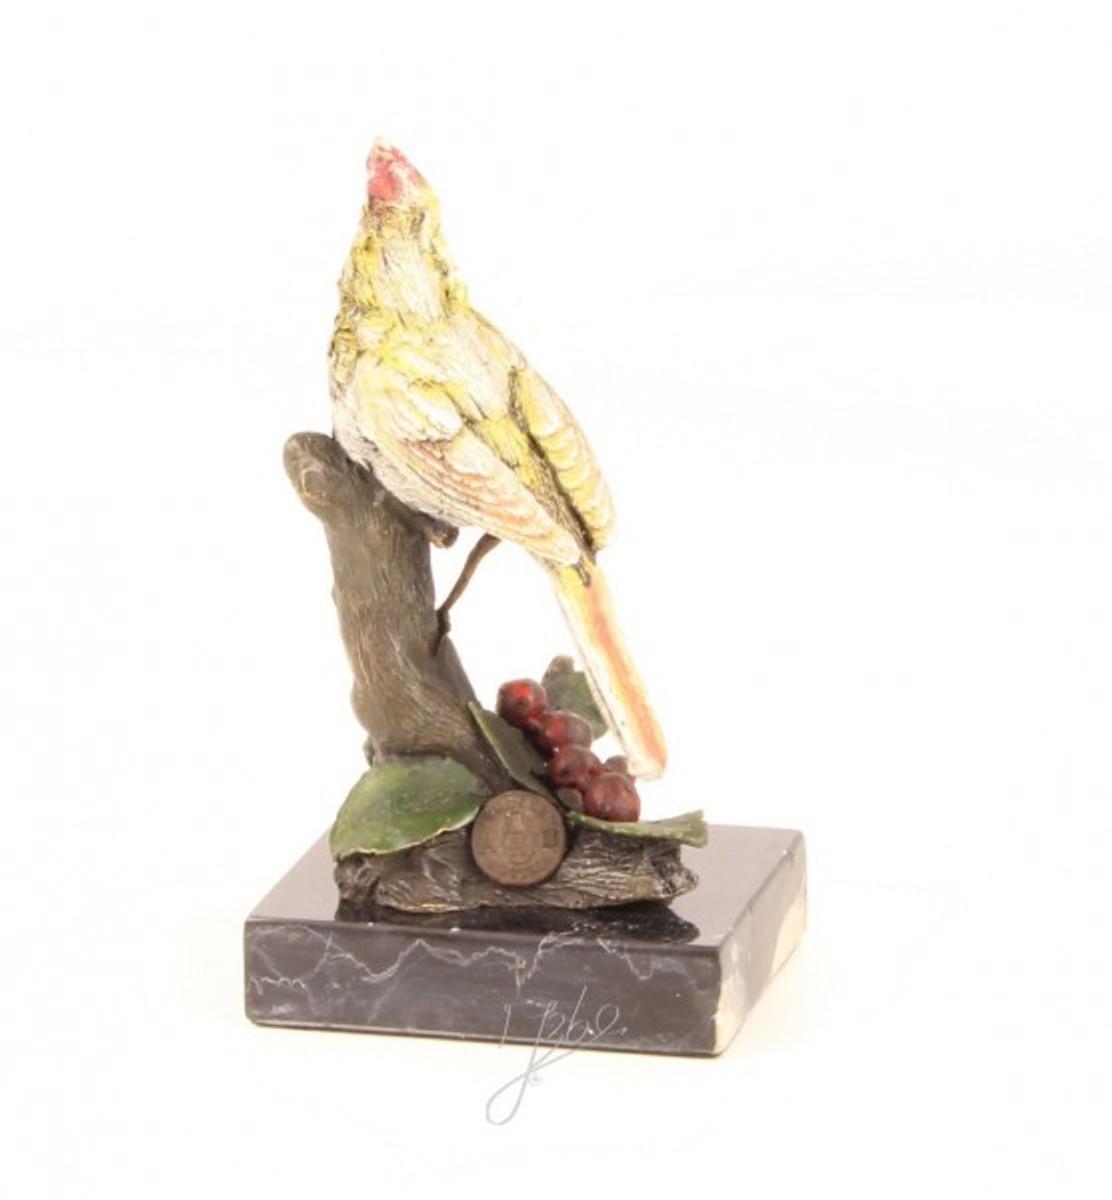 Vogel auf Baumstamm als bunte Bronze Statue kaufen. Tolle Deko Figur.